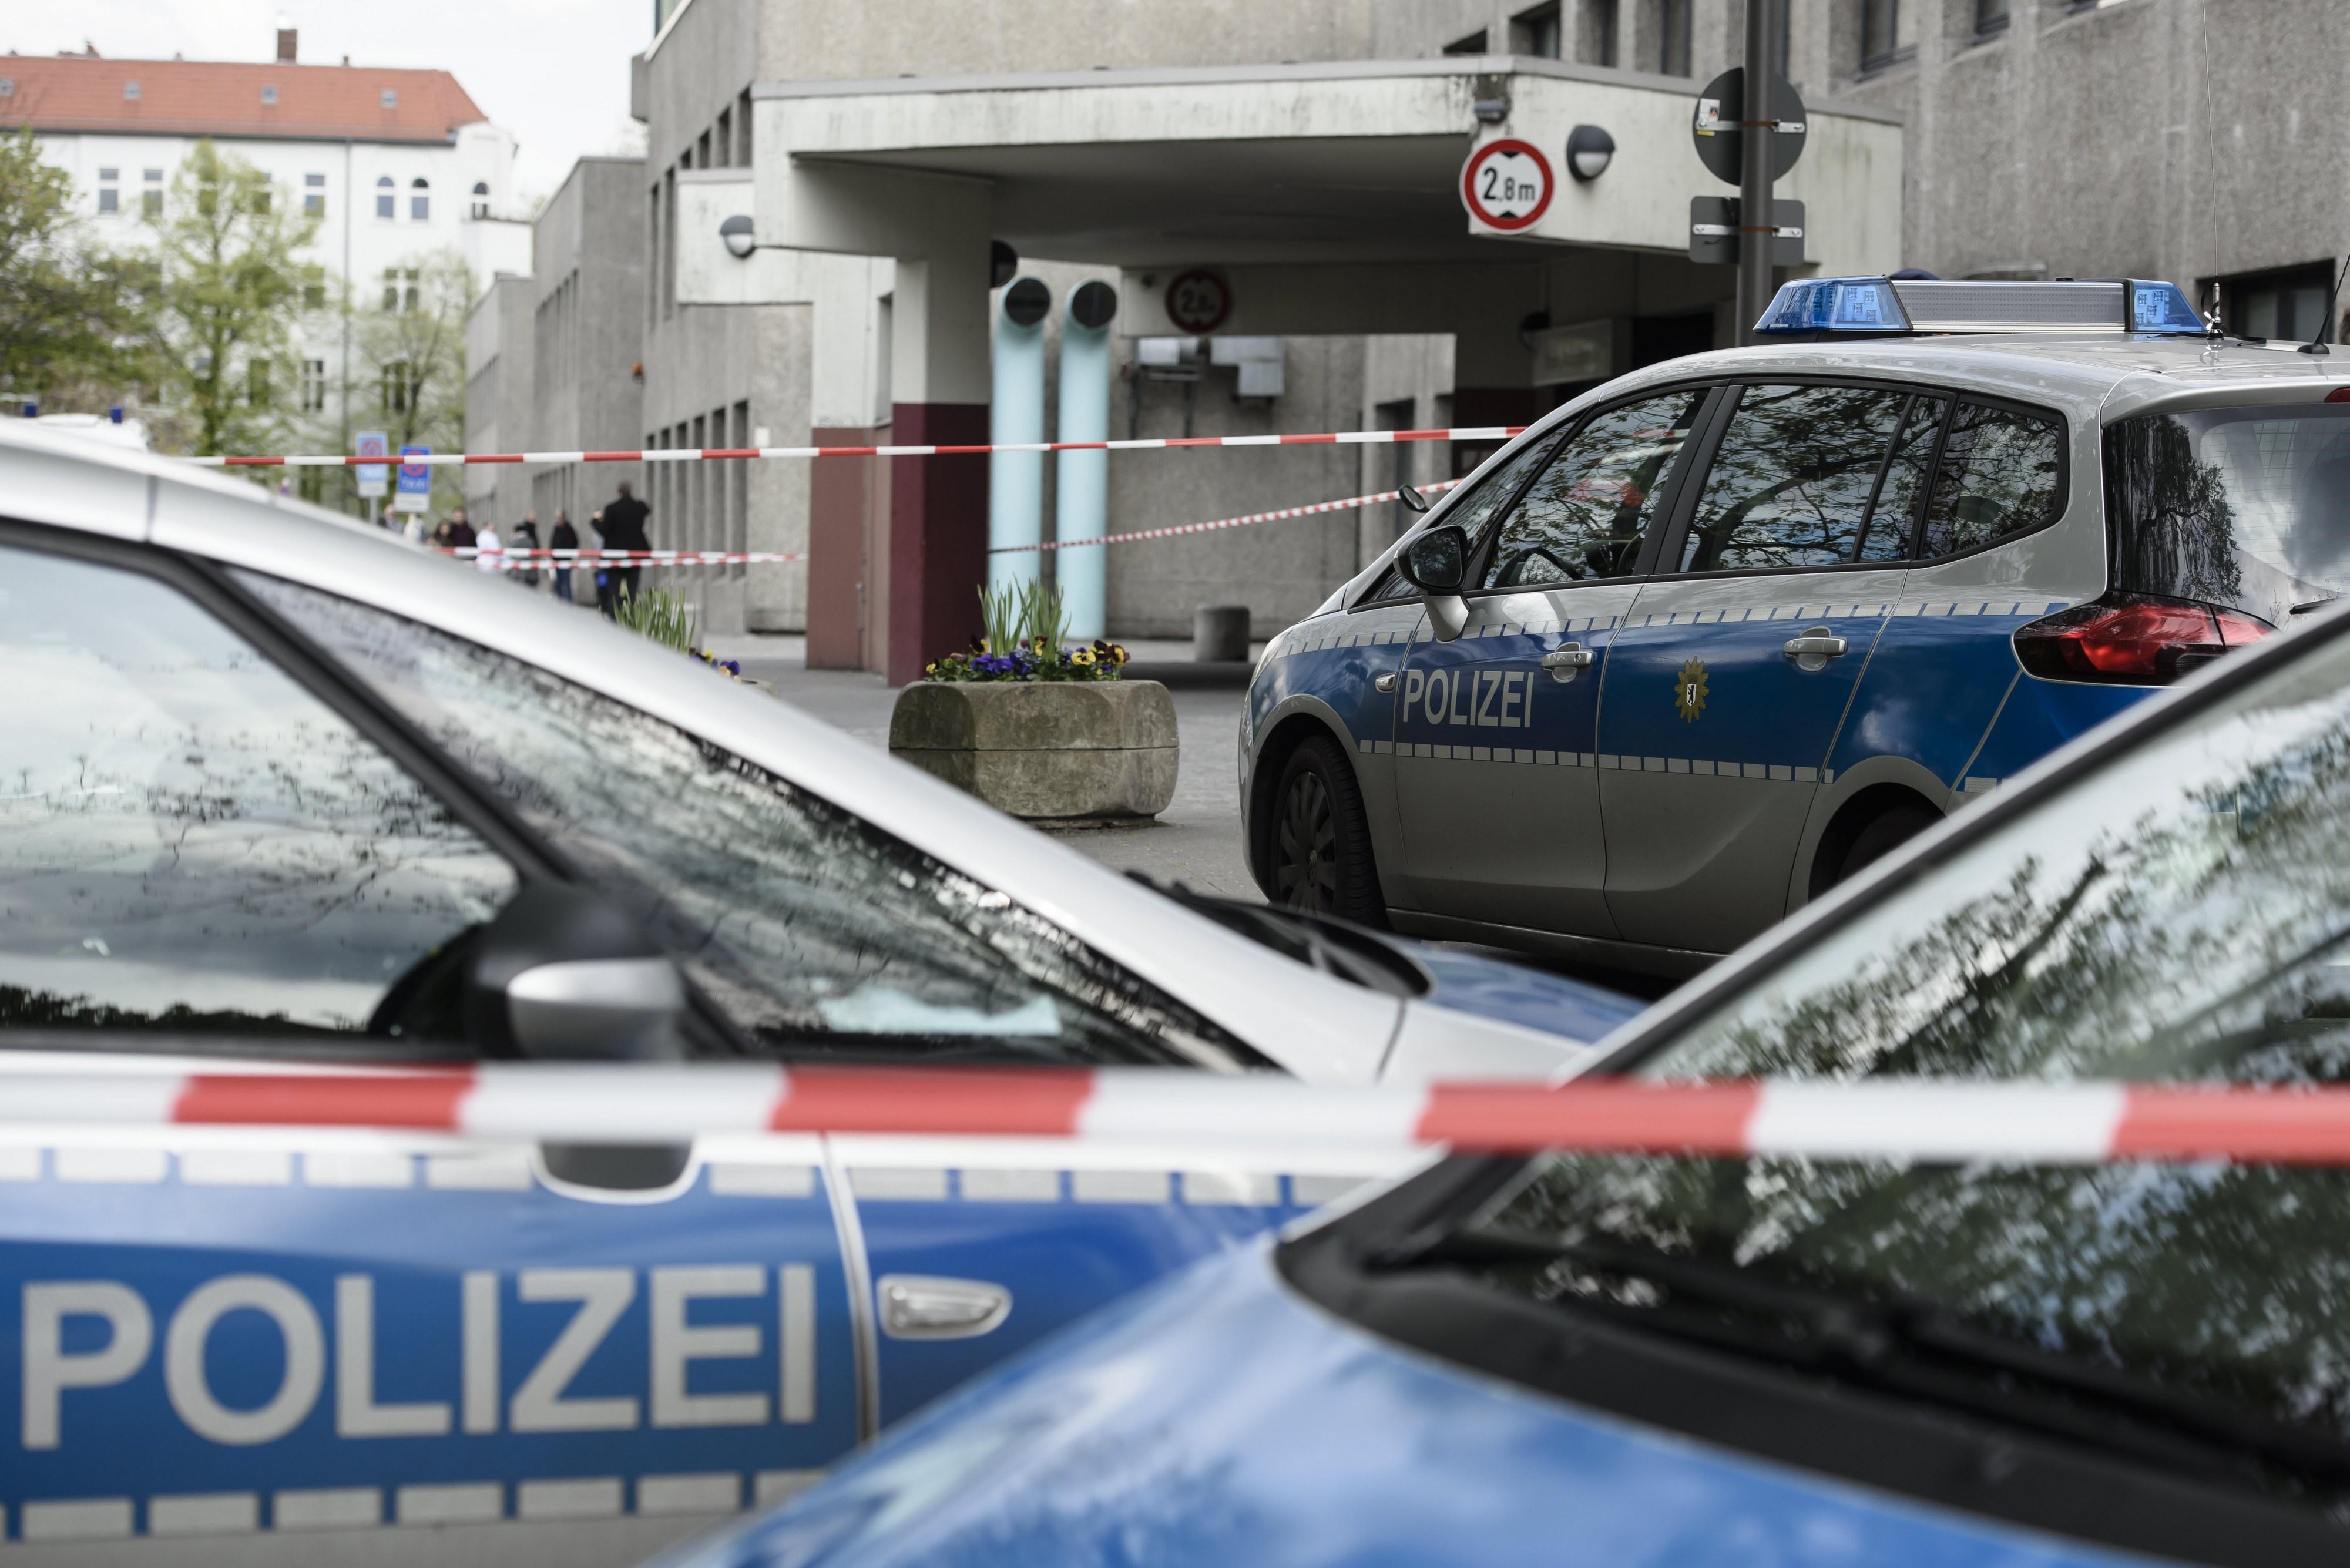 Detido sírio na Alemanha por suspeita de pertencer ao grupo Estado Islâmico